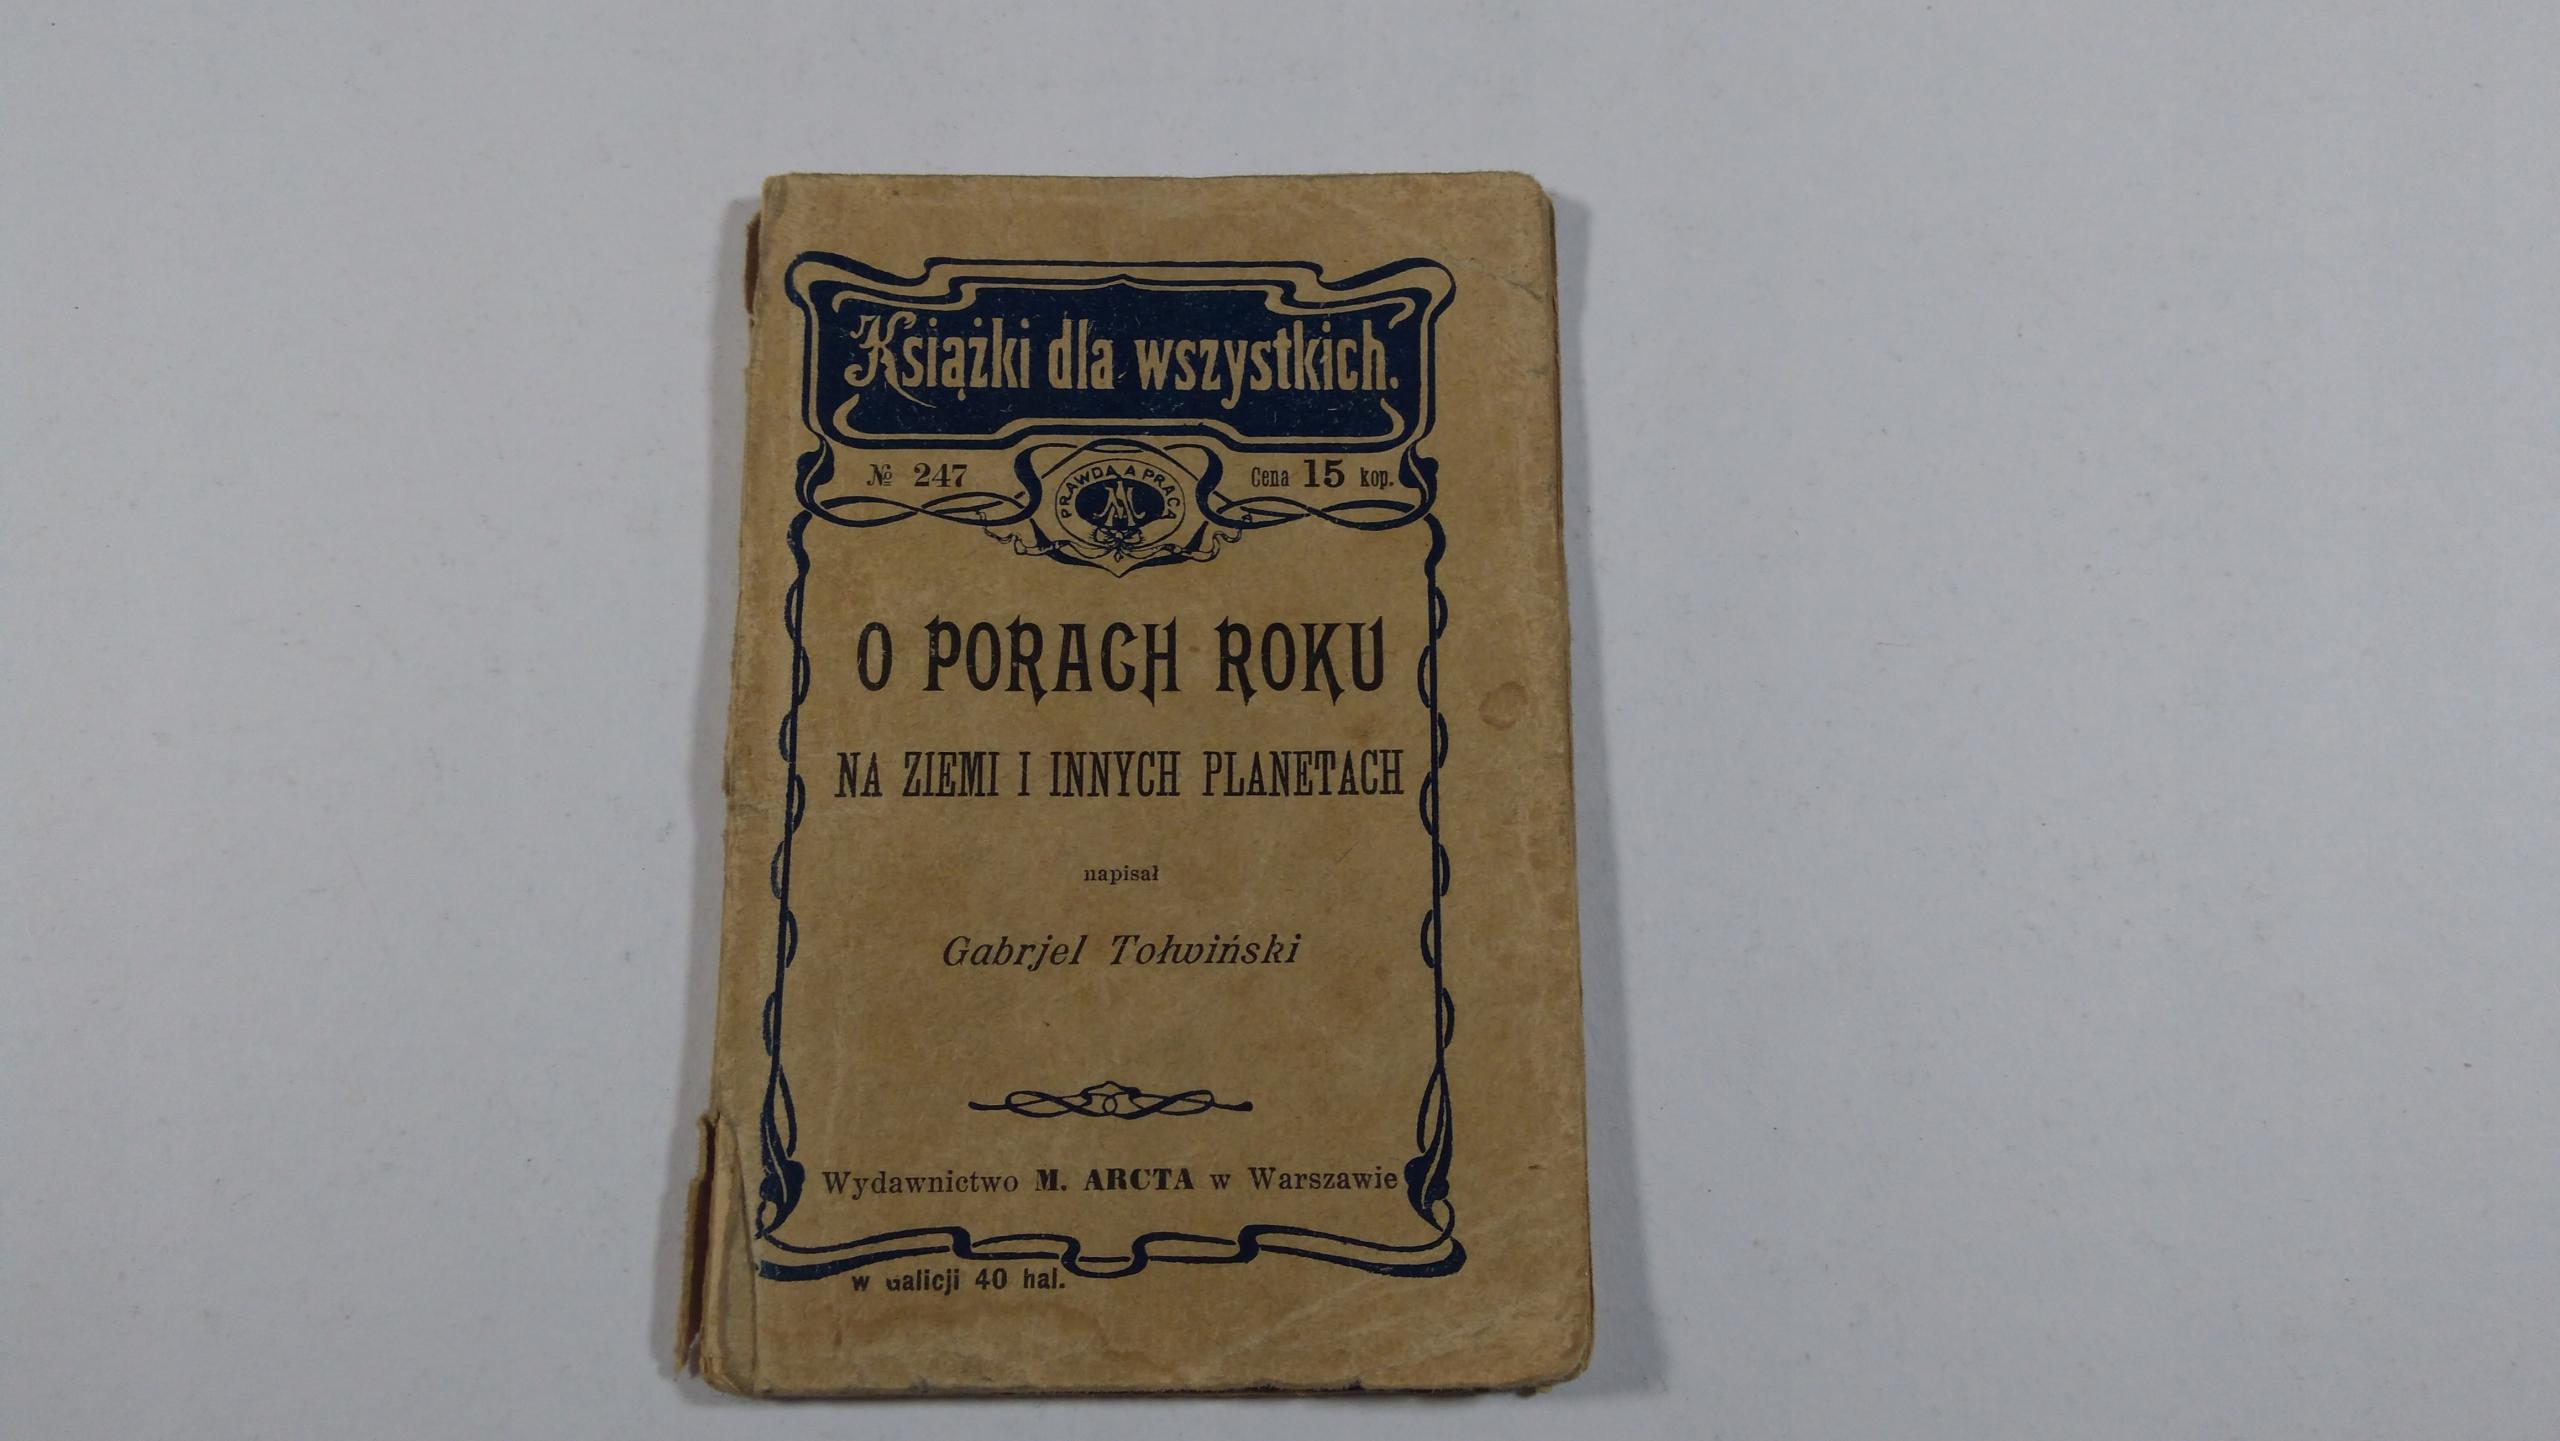 G.Tołwiński, O porach roku na ziemi..M.Arcta 1905